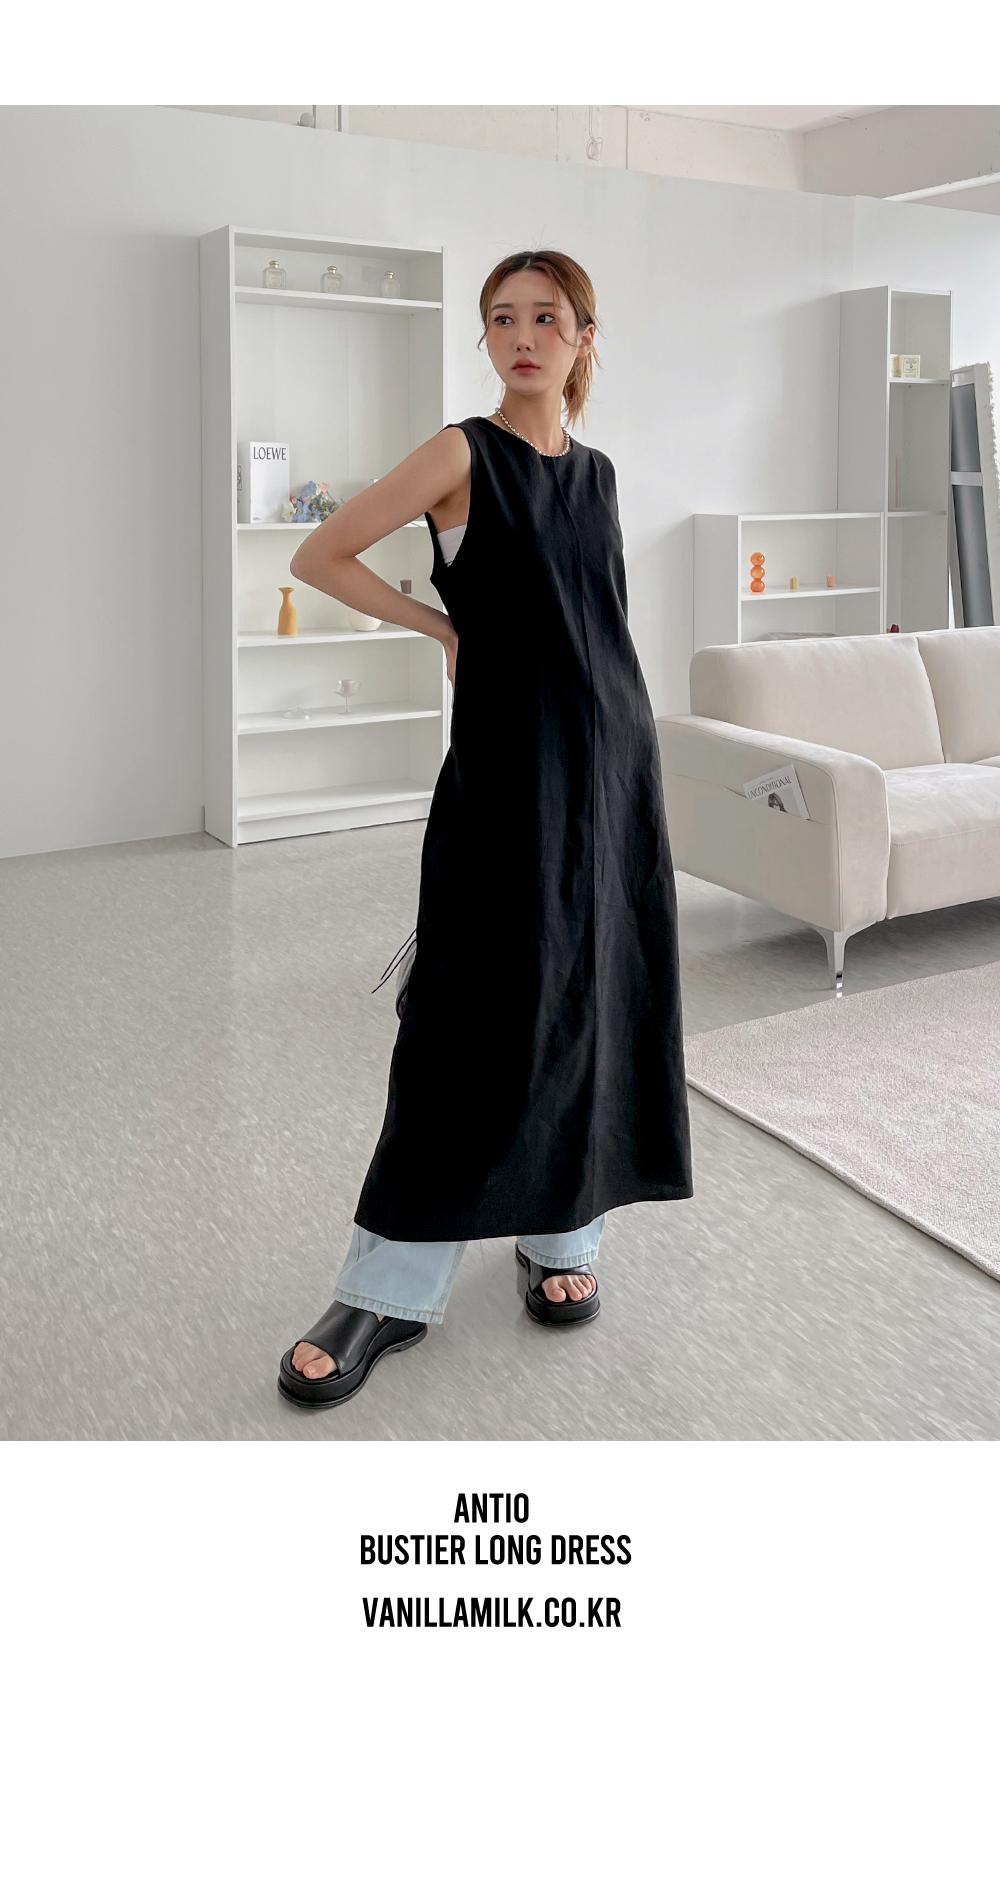 Antio Bustier Long Dress